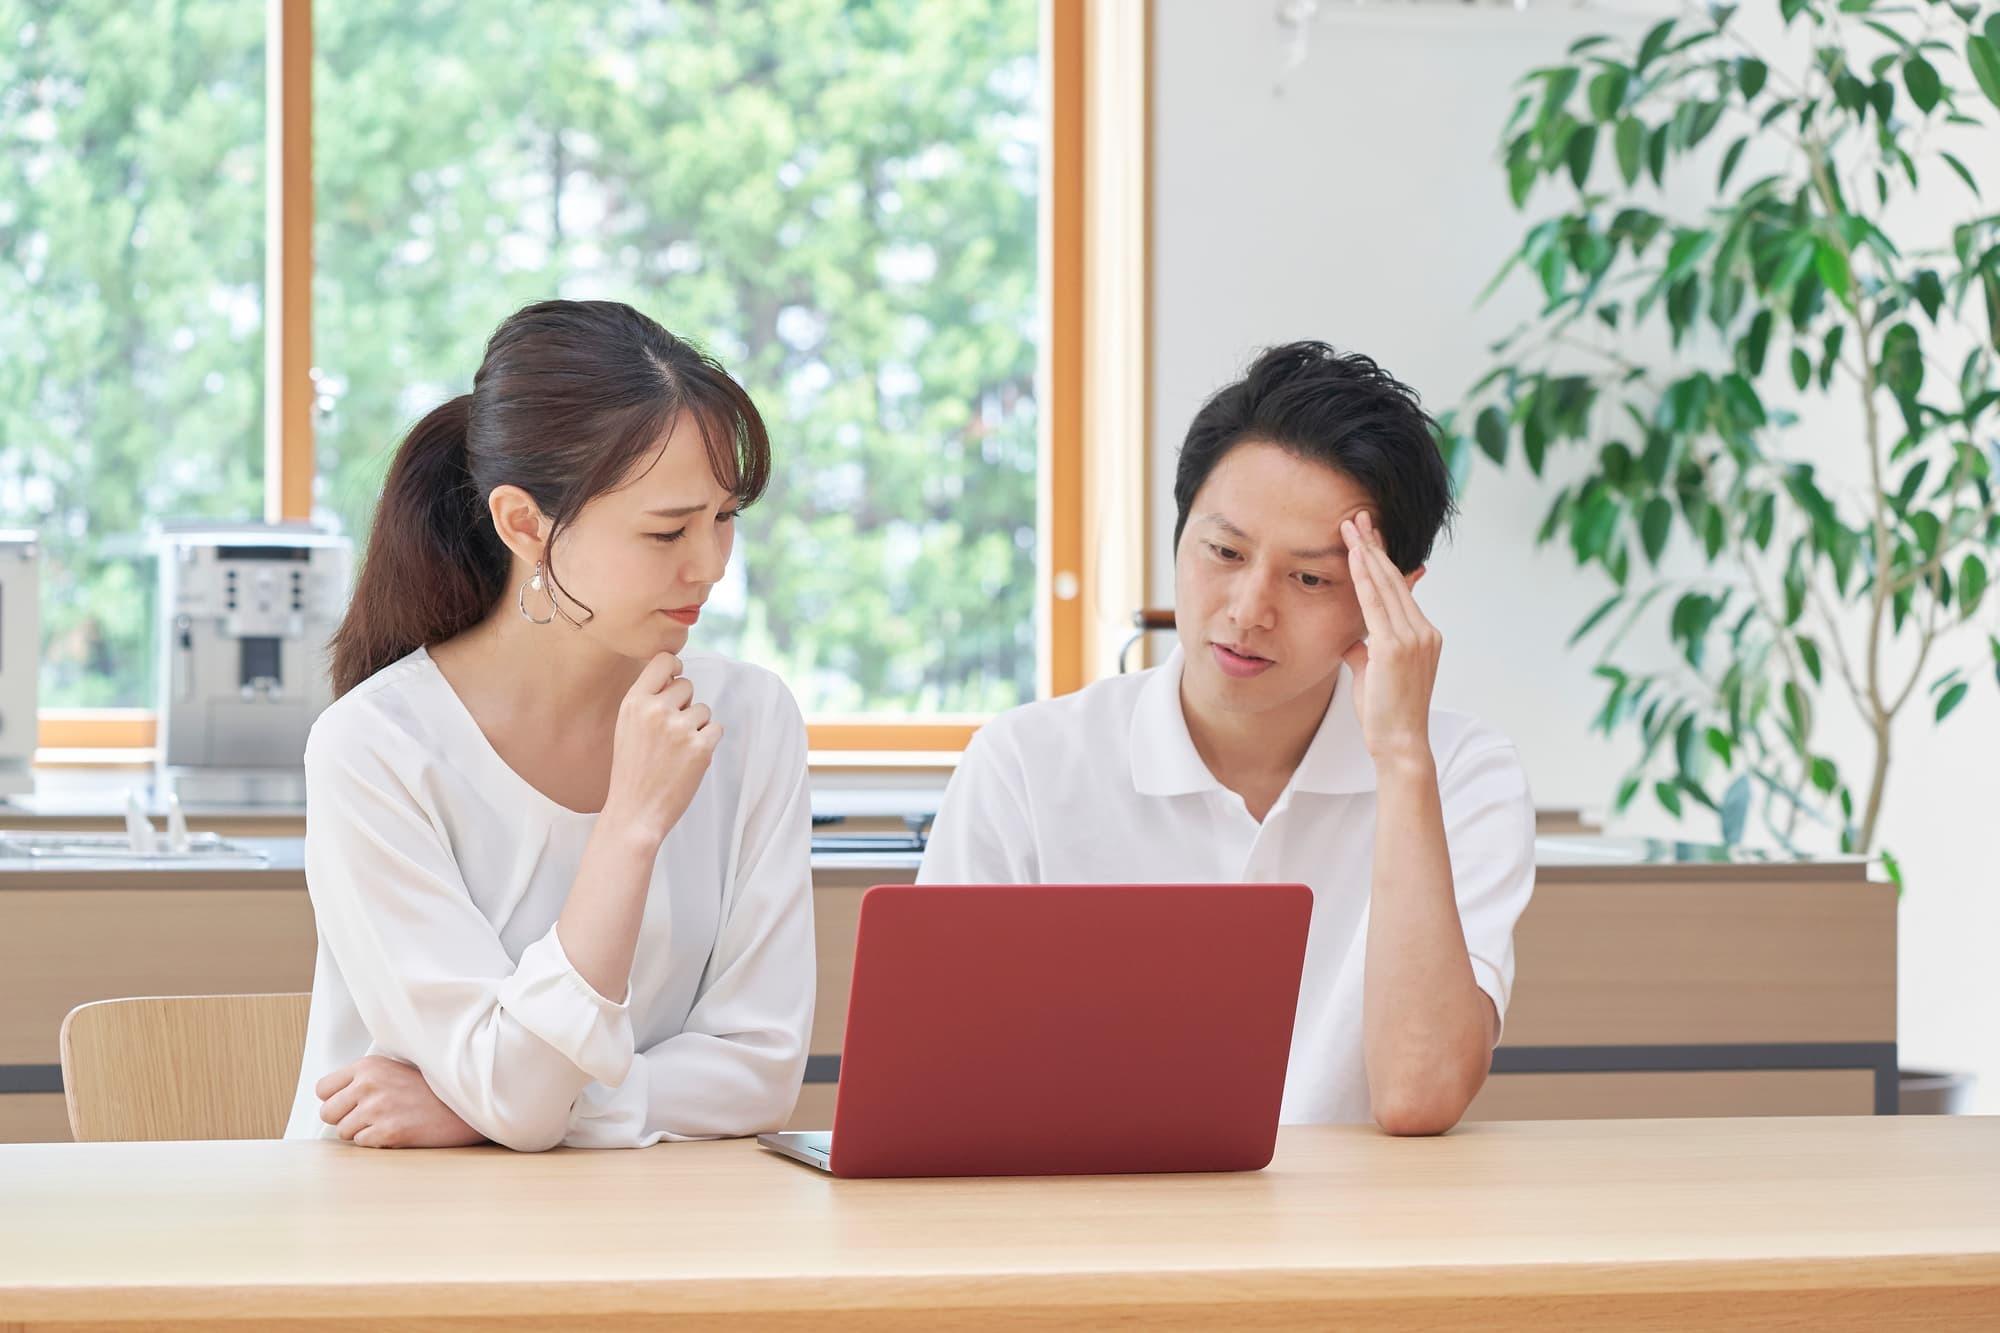 失業保険と扶養のどっちがお得?退職前に知っておくべき給付金と扶養の関係